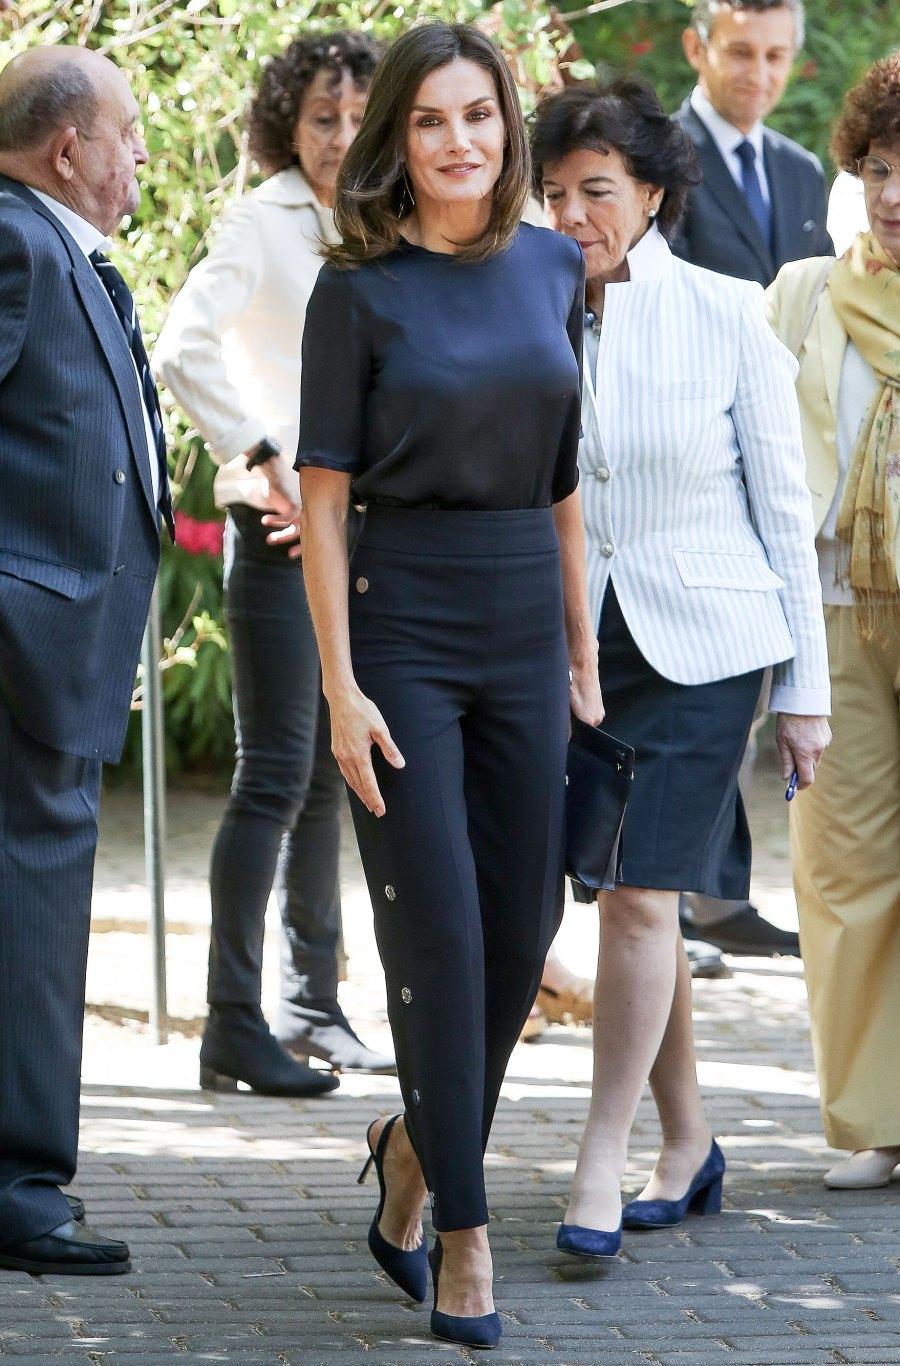 Queen Letizia June 6th